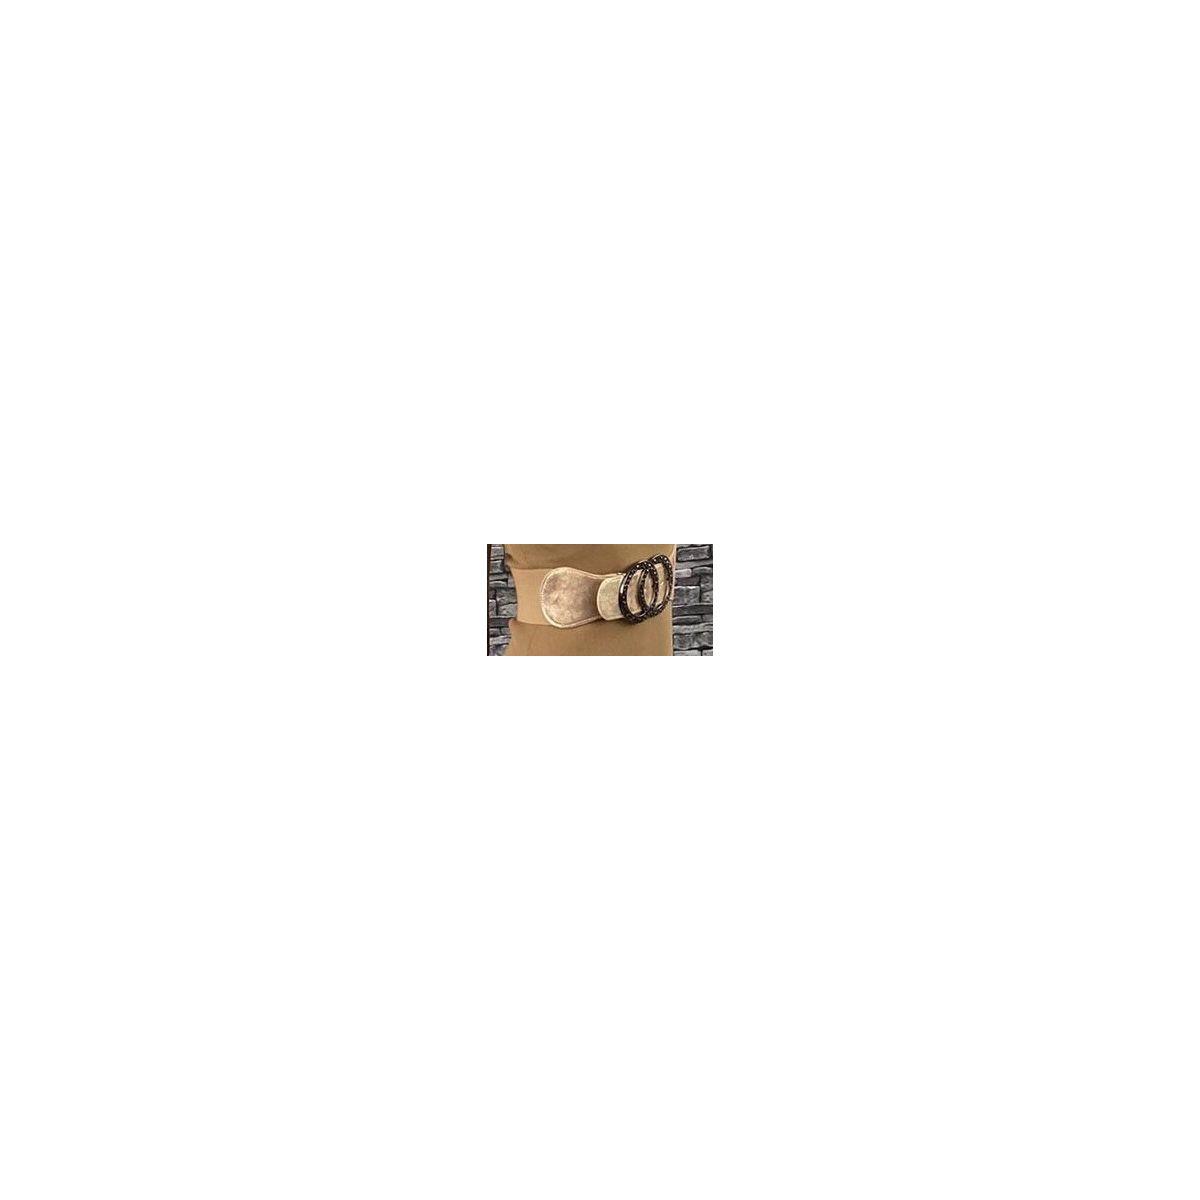 Ceinture élastique beige-gold boucle double anneaux